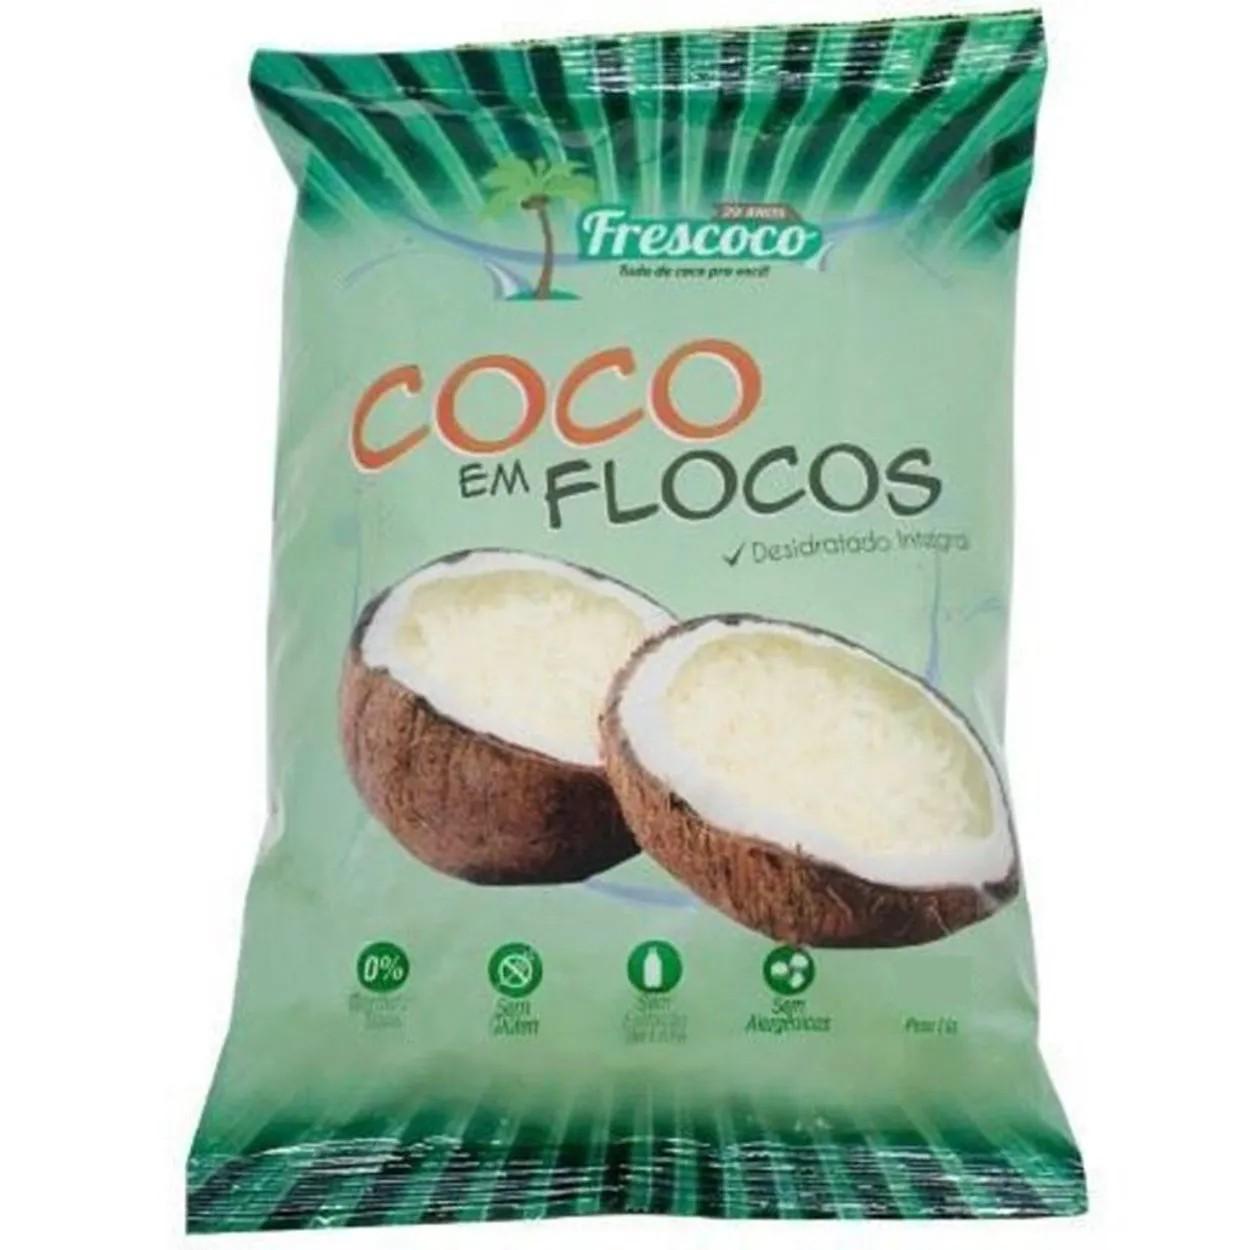 Coco Ralado Integral Flocos 500gr - Fres Coco